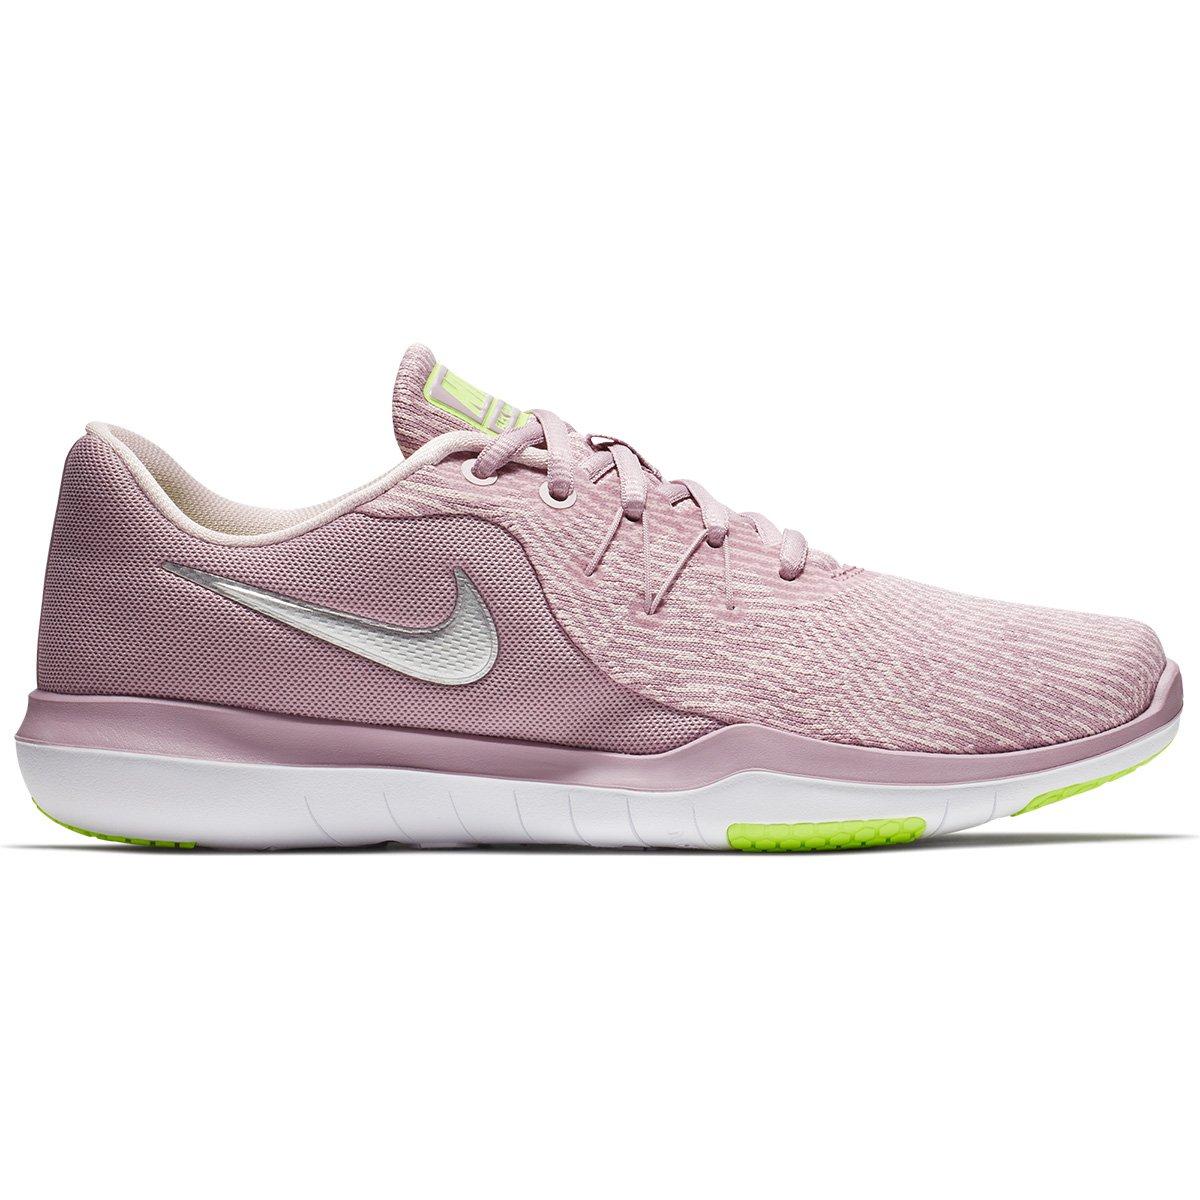 Tênis Nike Flex Supreme TR 6 Feminino - Rosa e prata - Compre Agora ... 7b163bb98490a